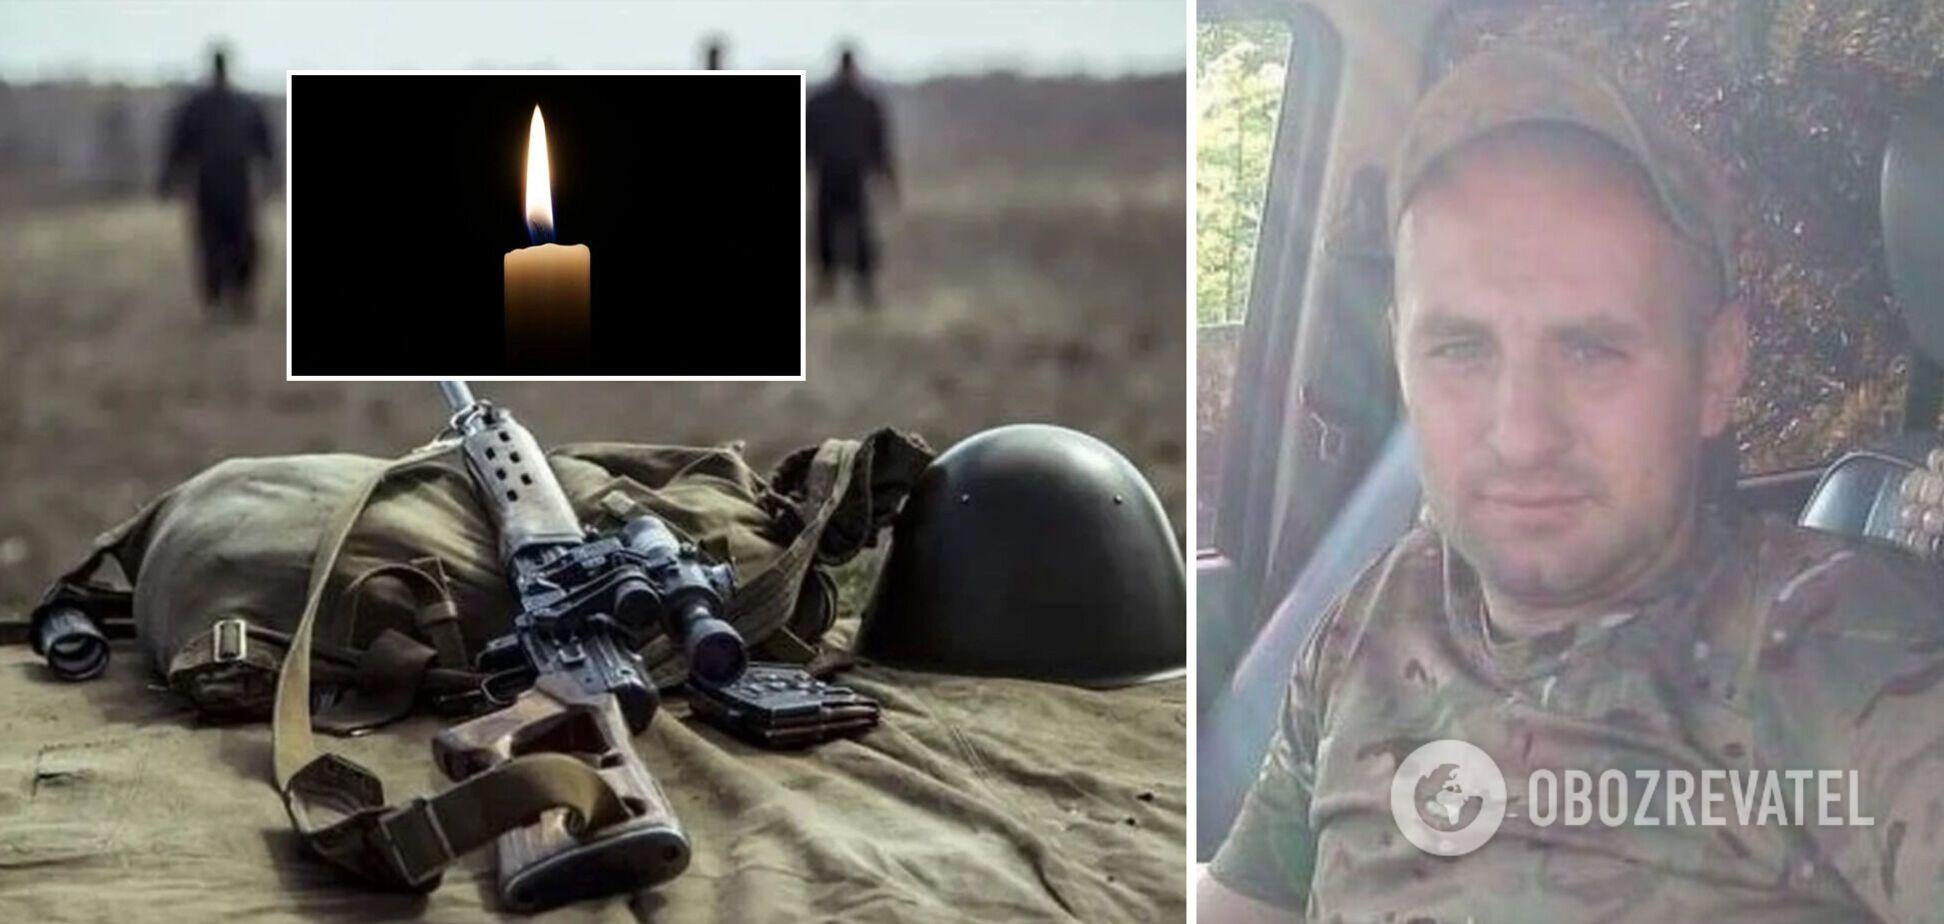 Названо ім'я бійця ЗСУ, який помер у госпіталі від отриманого на Донбасі поранення